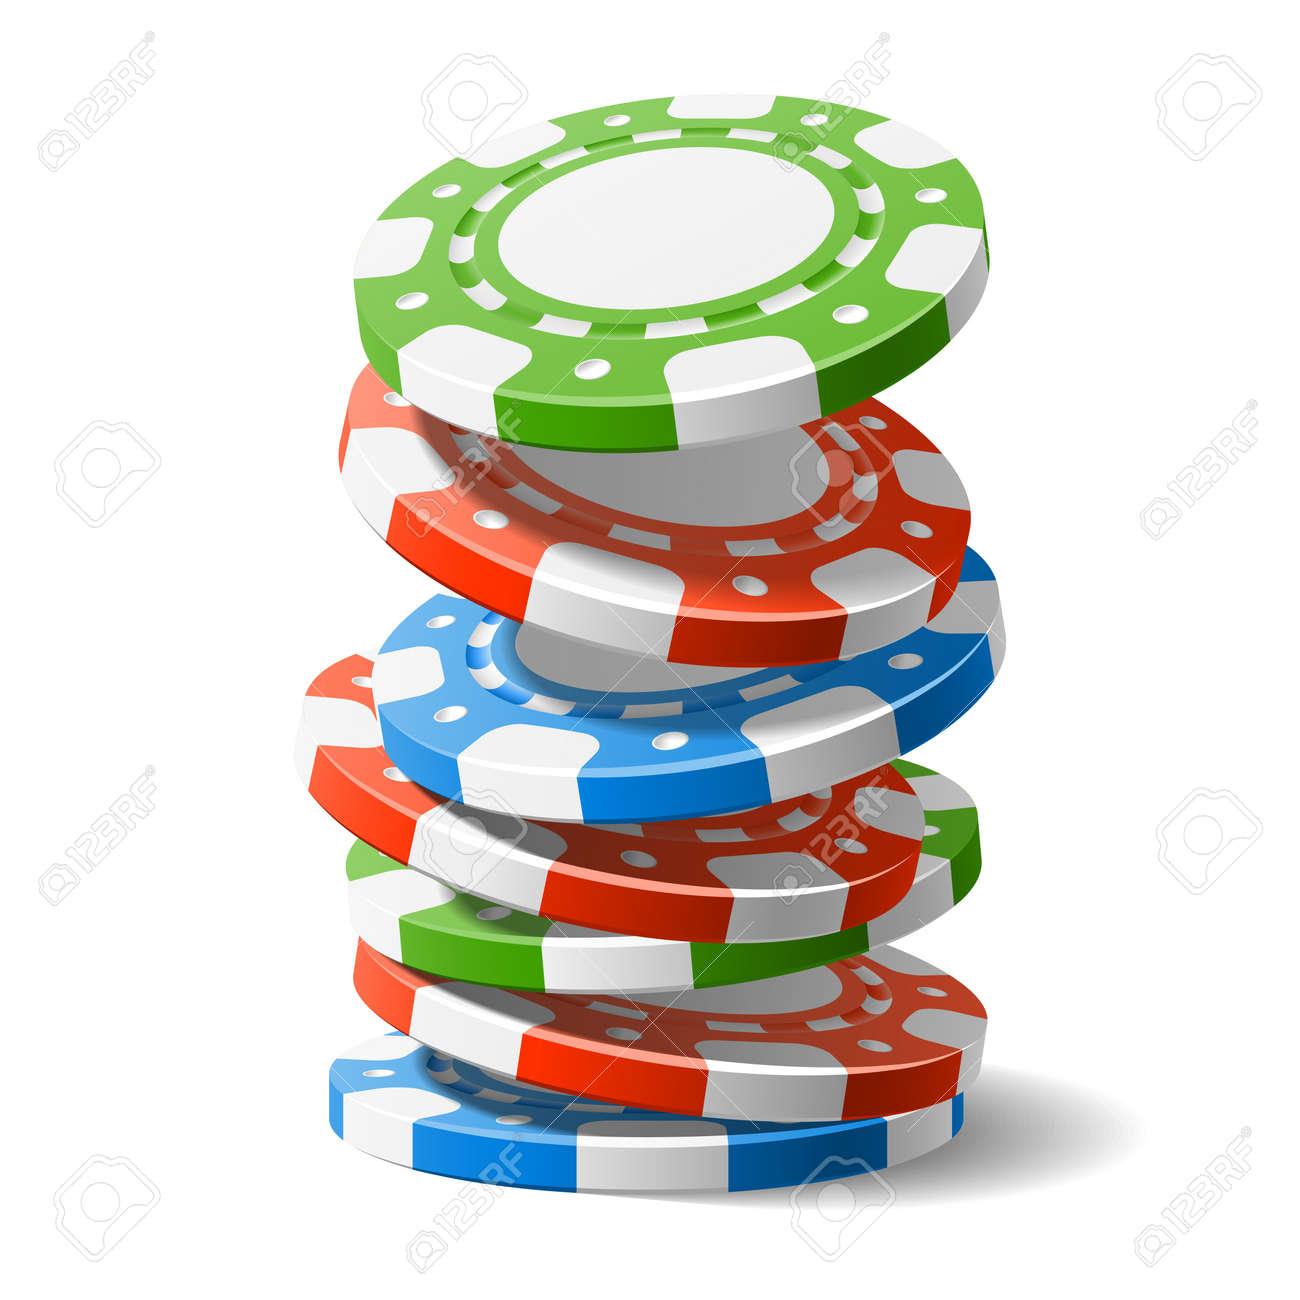 jacks or better online casino